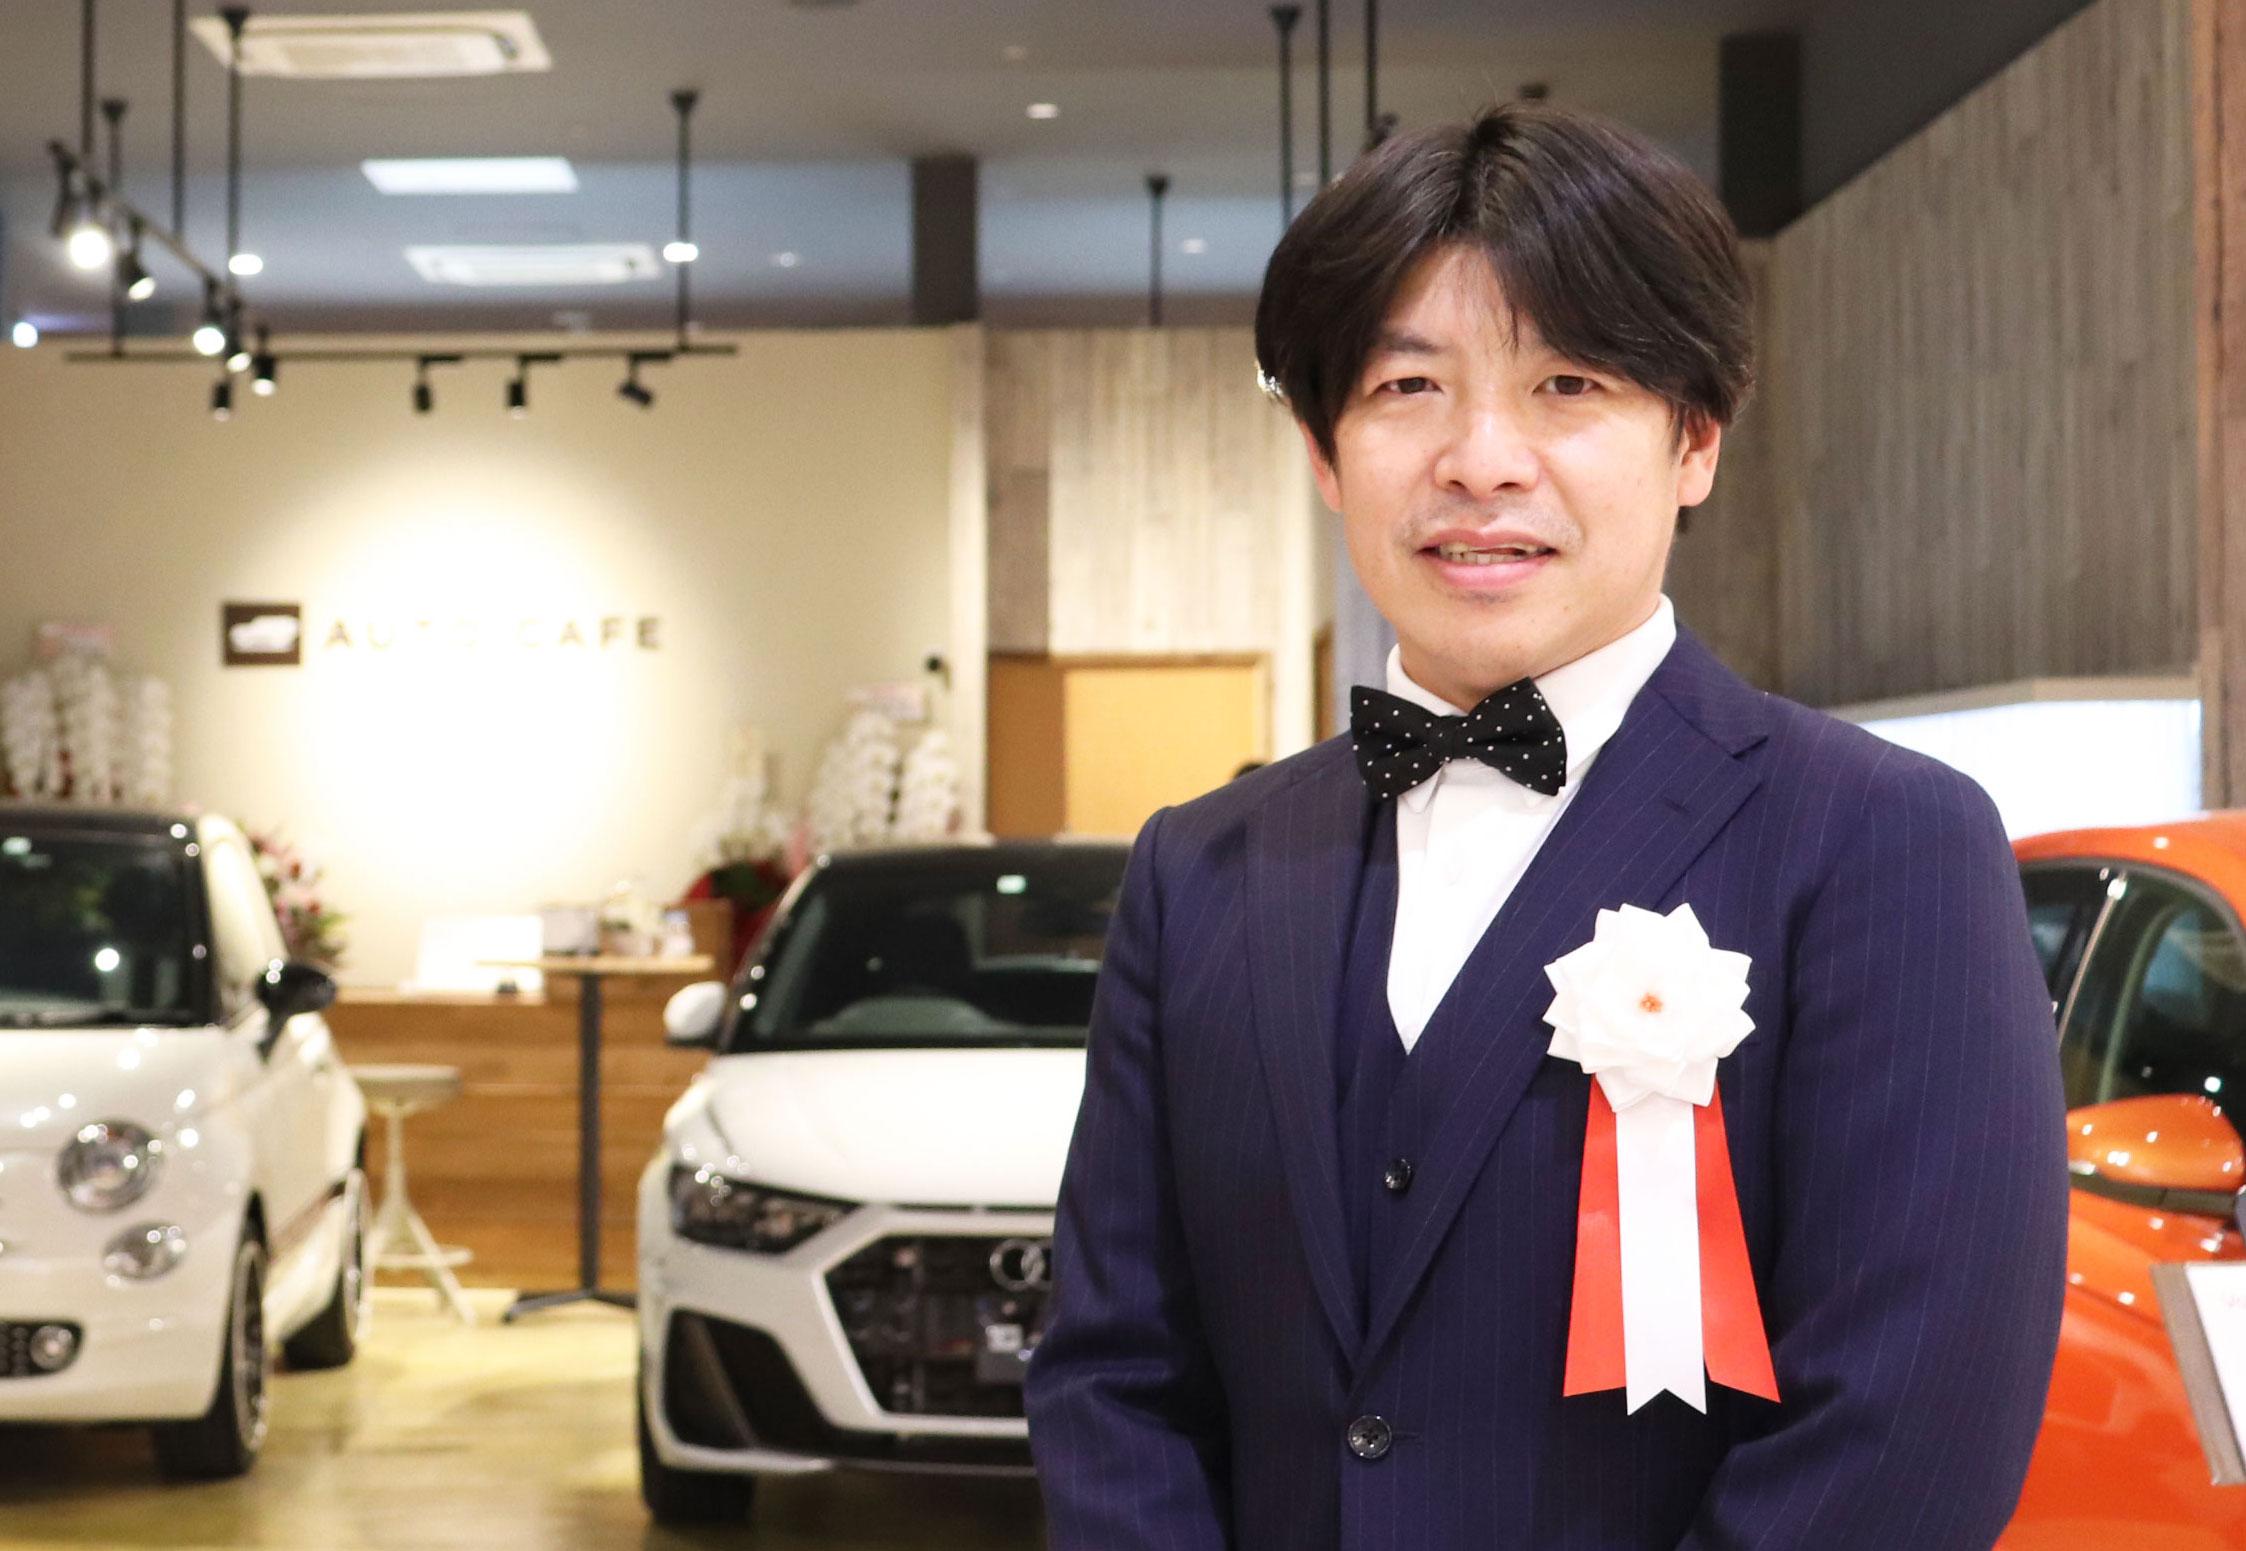 オリベート パシフィックプロジェクト萩原社長